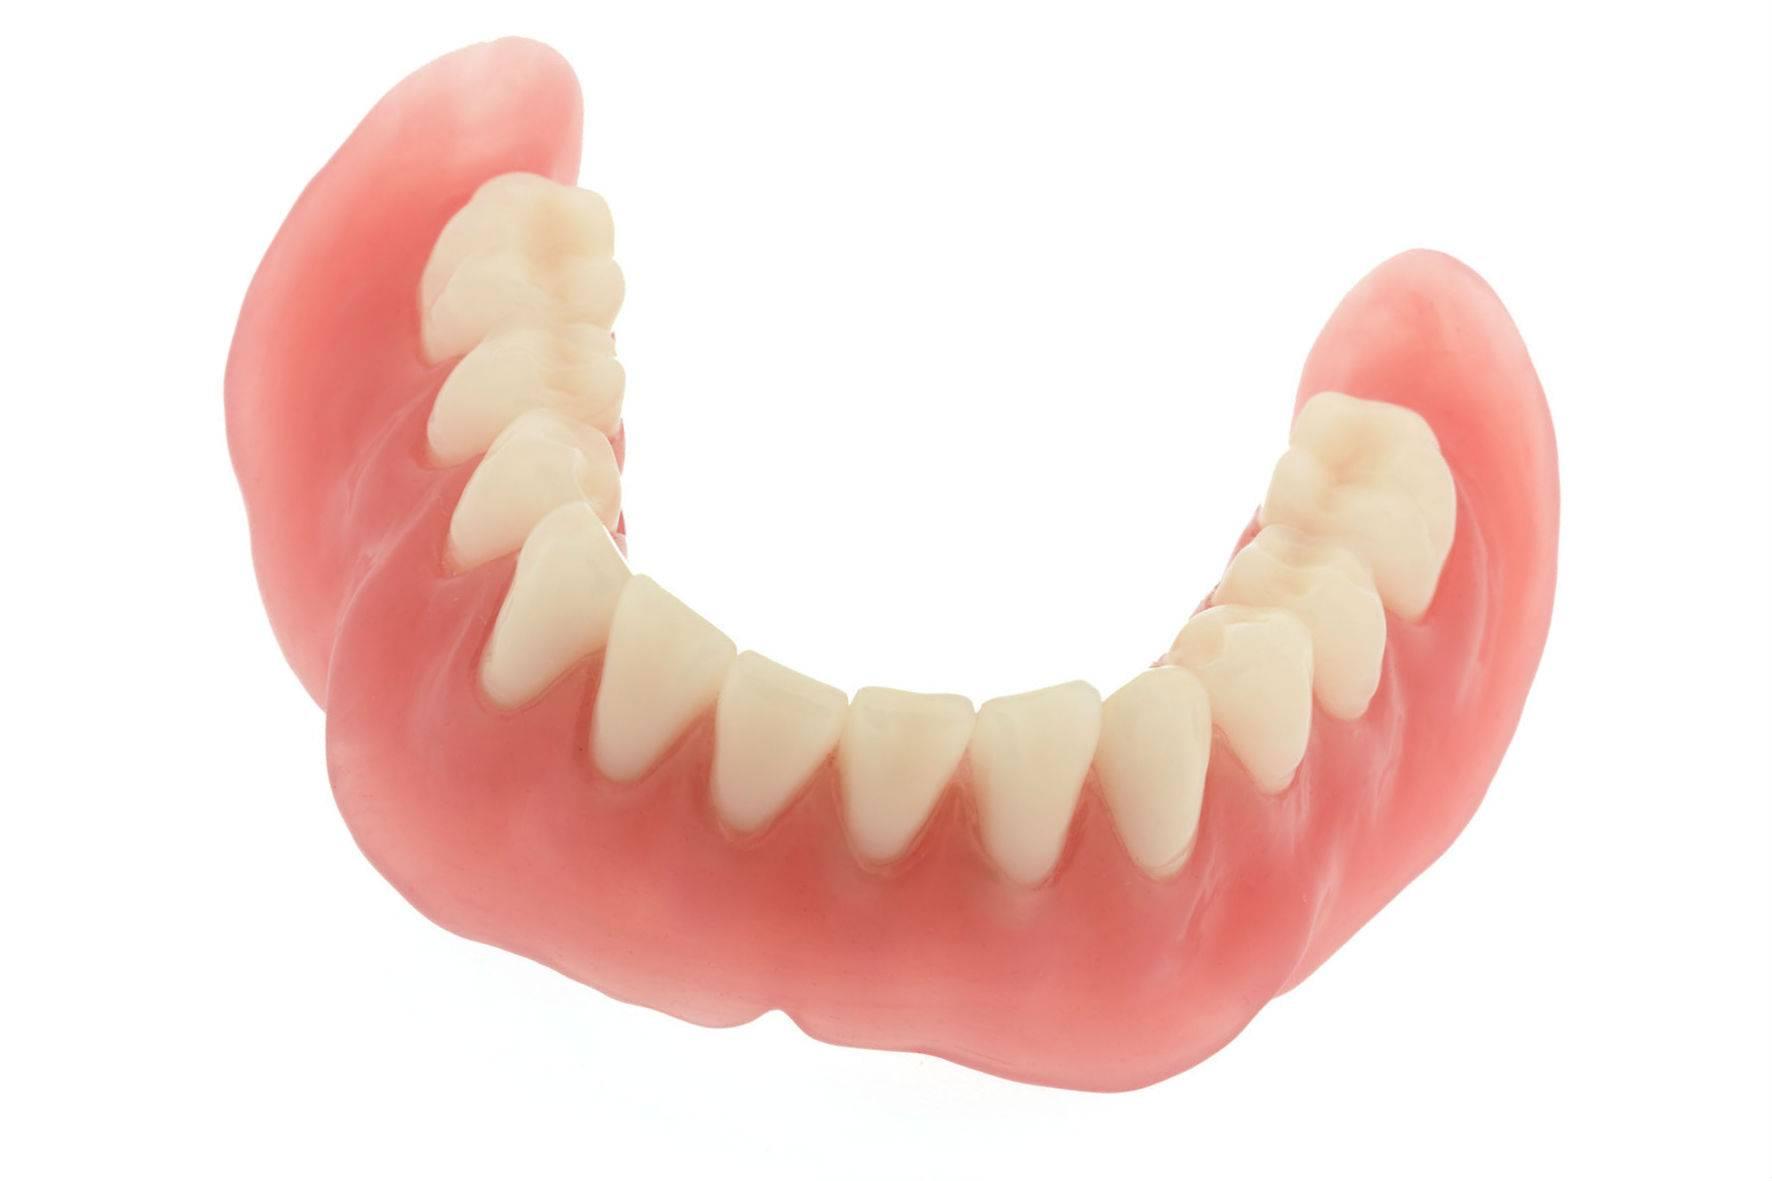 Гибкие съемные зубные протезы: достоинства и недостатки